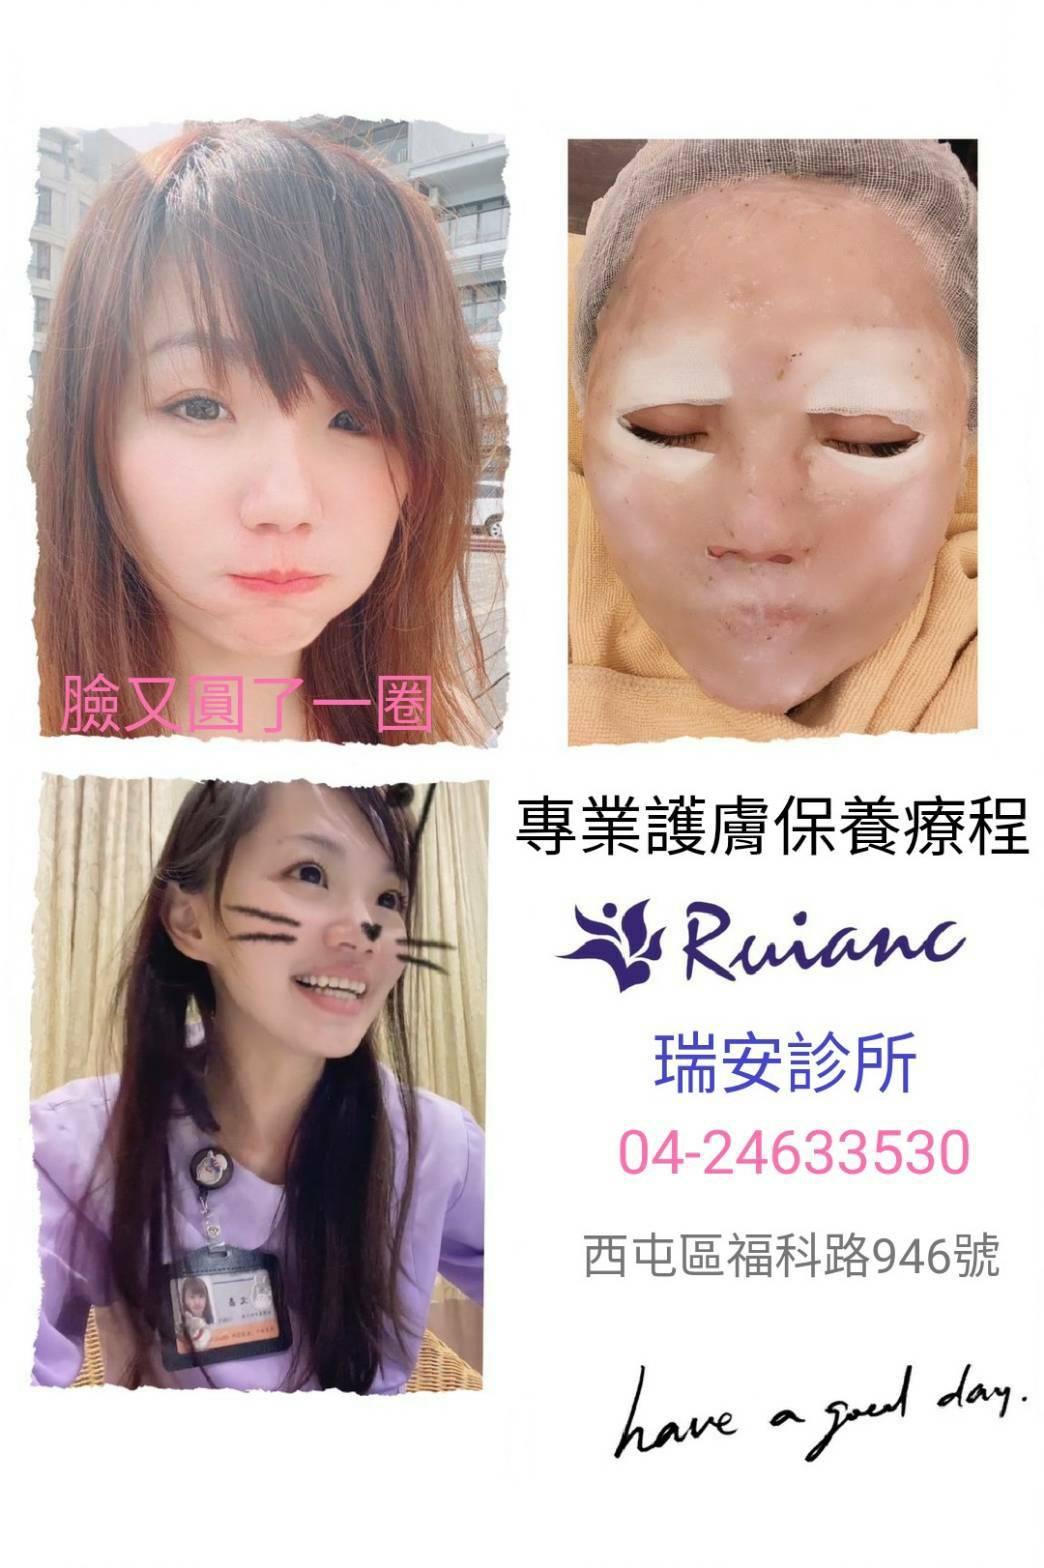 專業護膚保養有瑞安診所